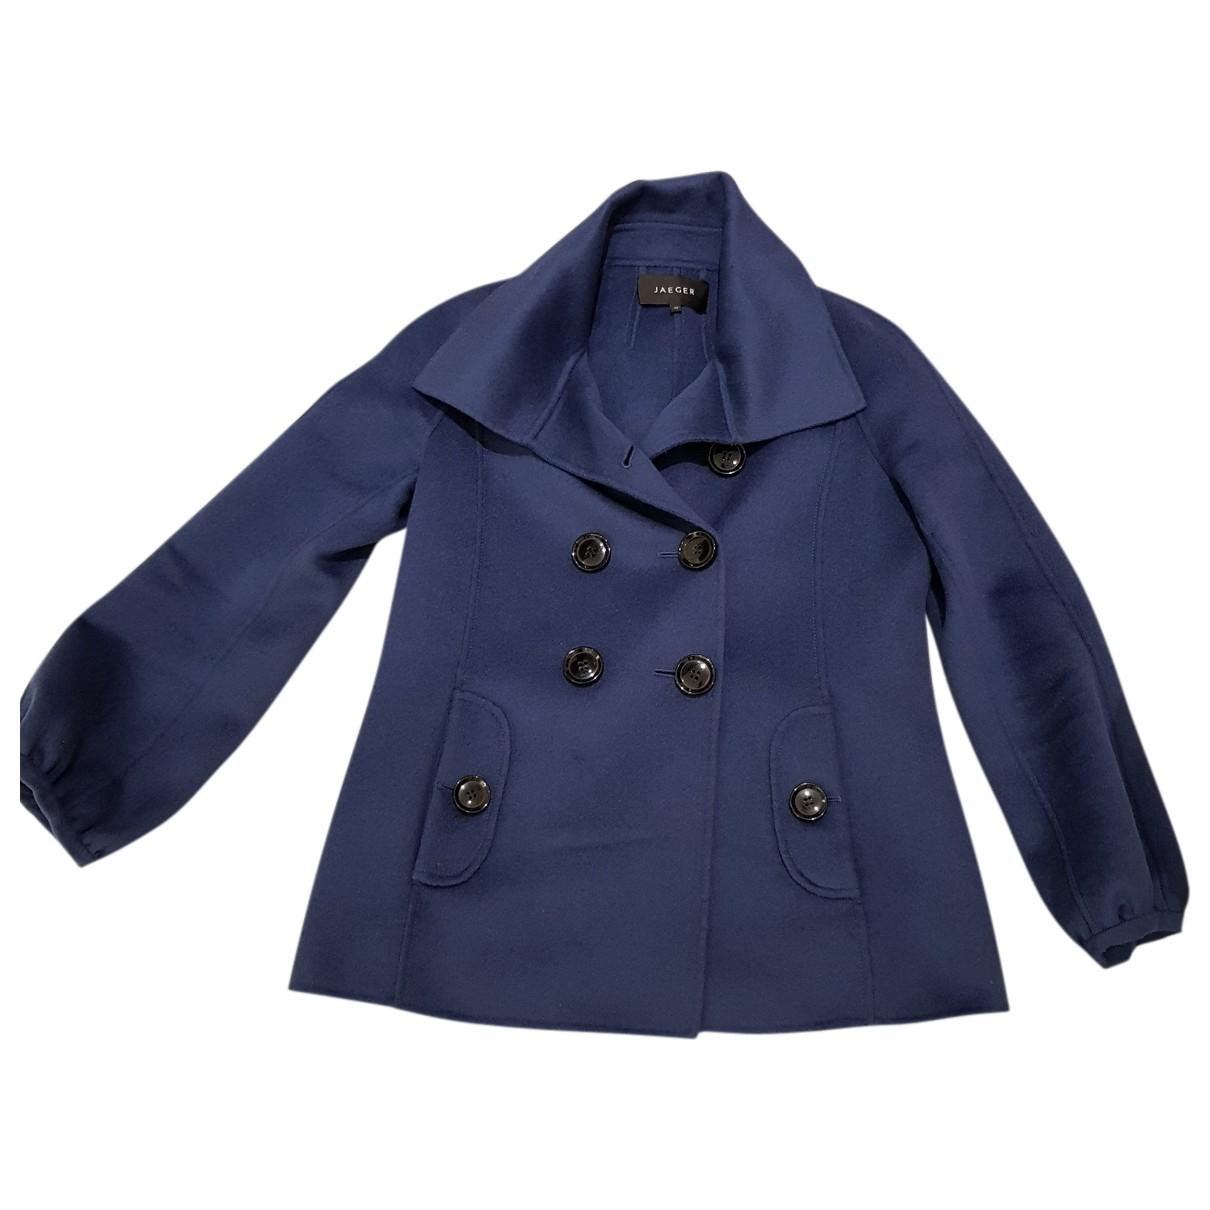 Jaeger - Manteau   pour femme en laine - bleu